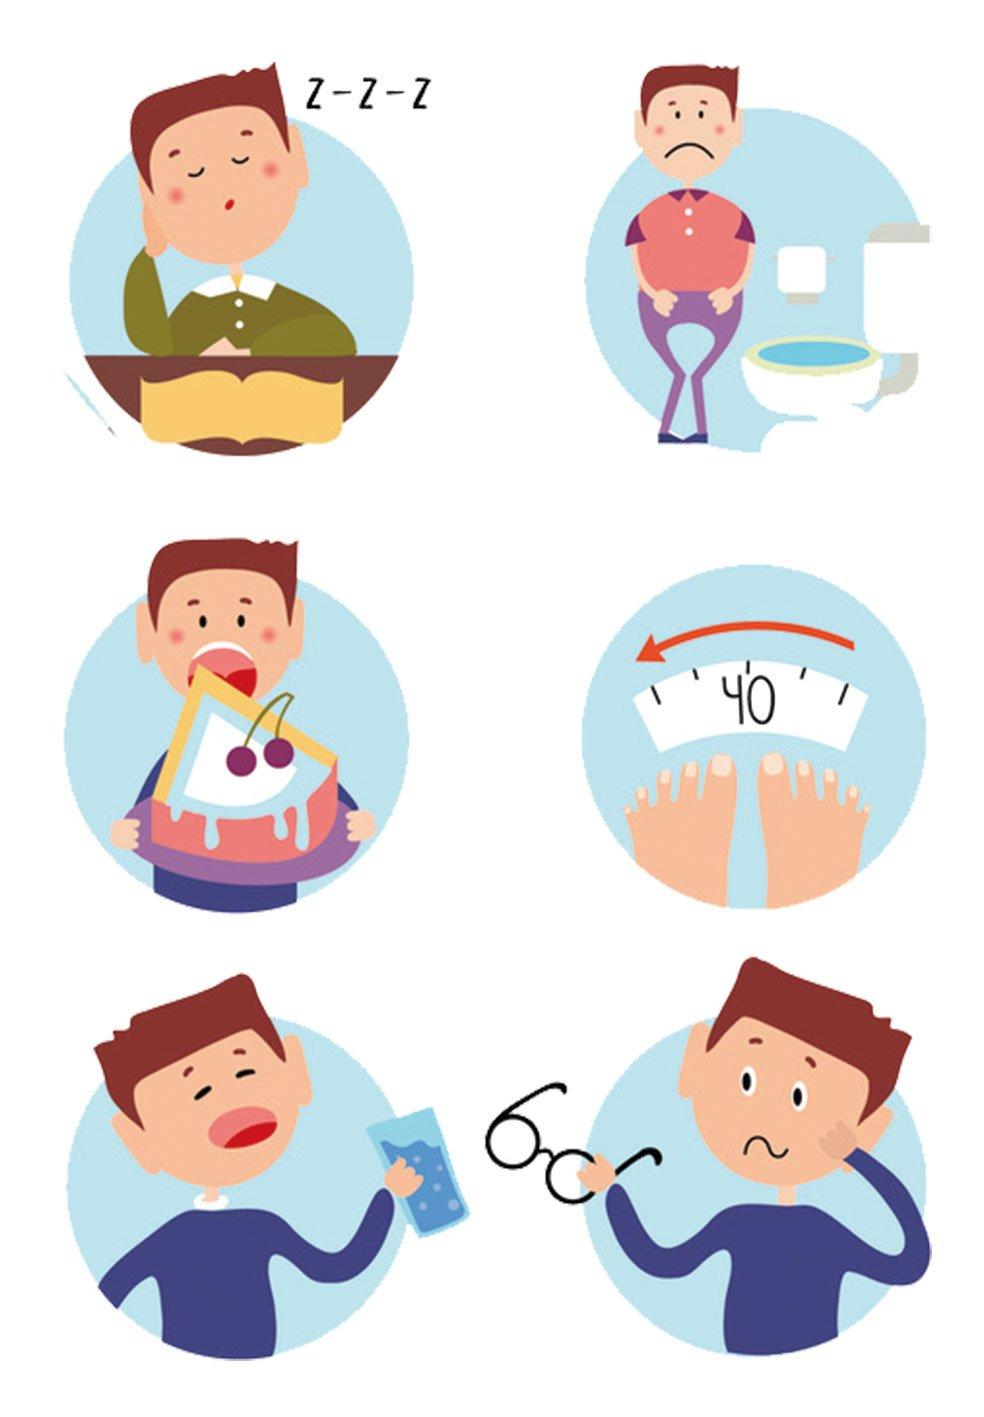 糖尿病初期會出現多吃、多喝、多尿與體重減輕的「三多一少」症狀。